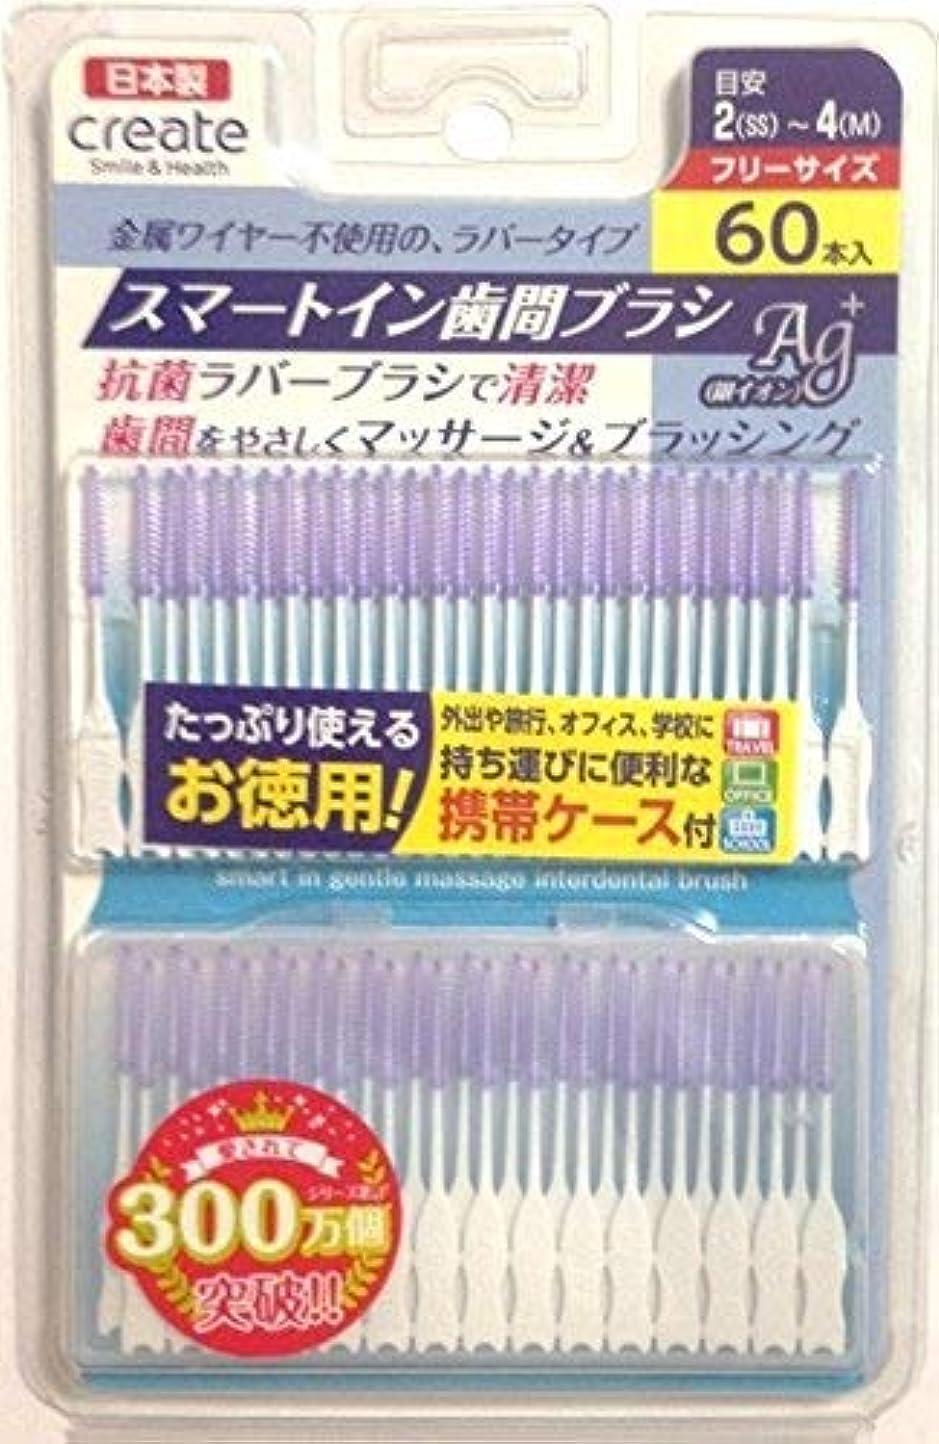 生む操縦するスリチンモイクリエイト スマートイン歯間ブラシ 2(SS)-4(M) 金属ワイヤー不使用?ラバータイプ お徳用 60本×5個